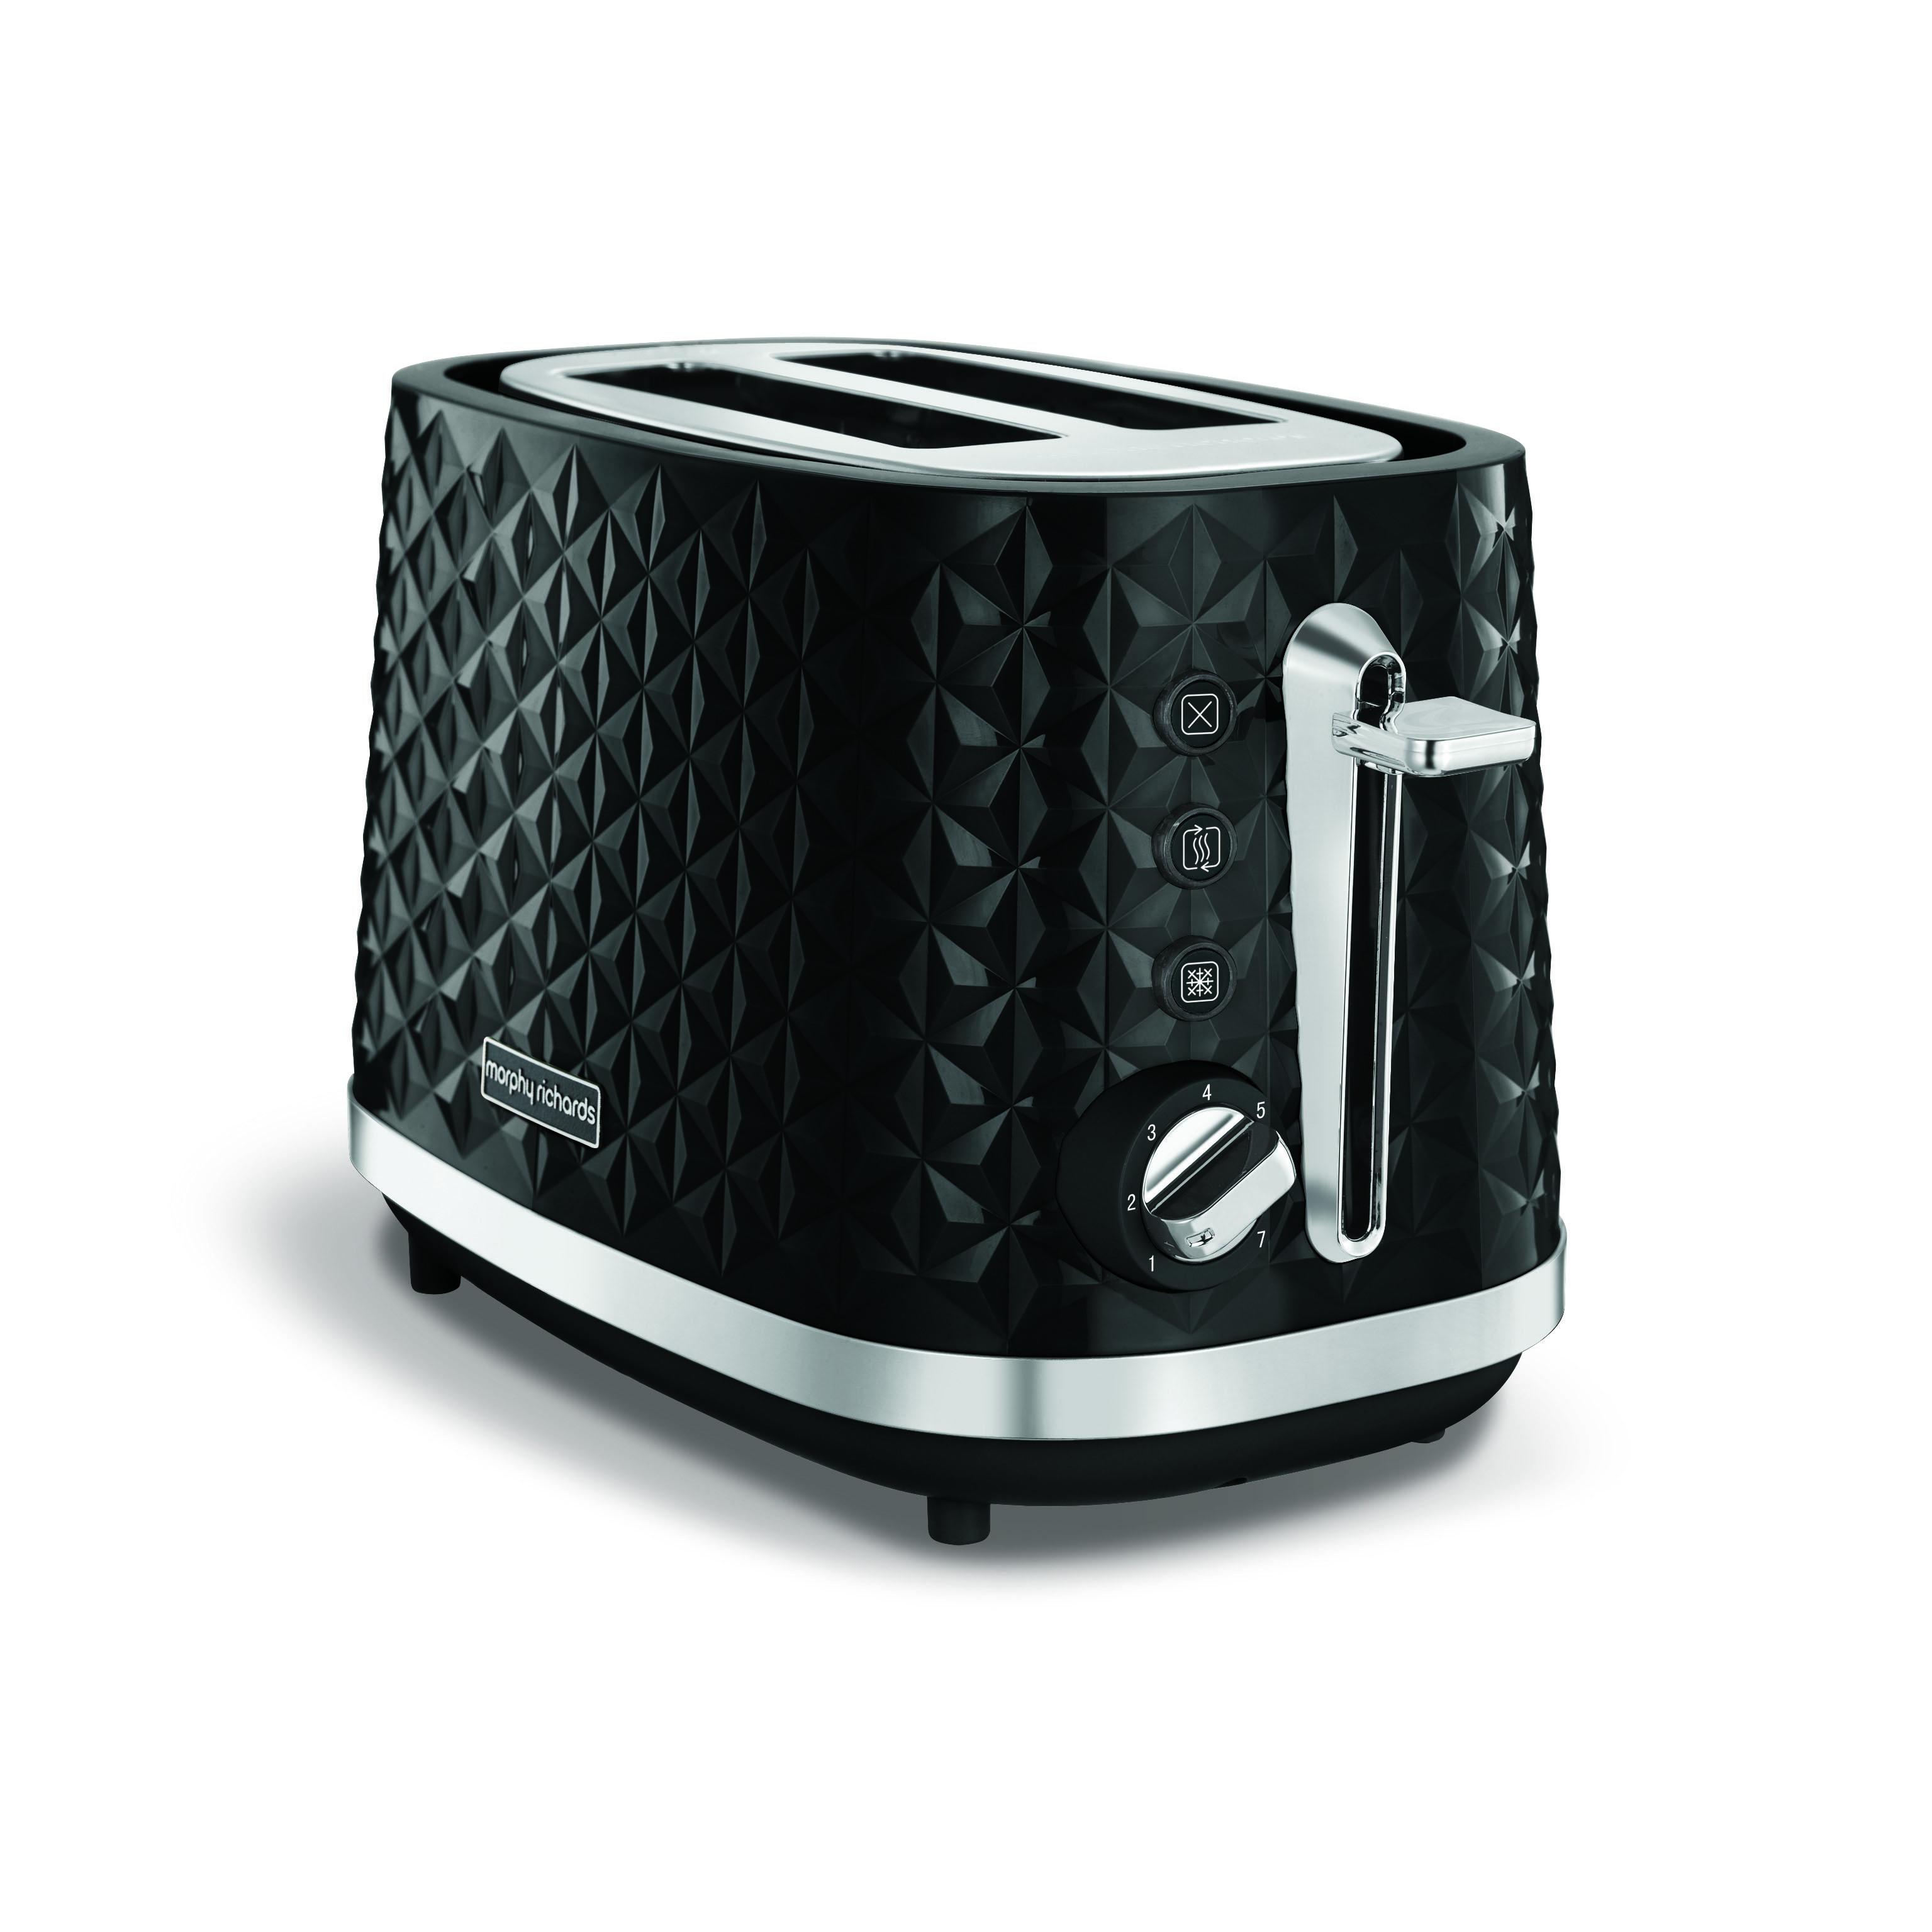 Morphy Richards Vector toaster 2-skiver, sort